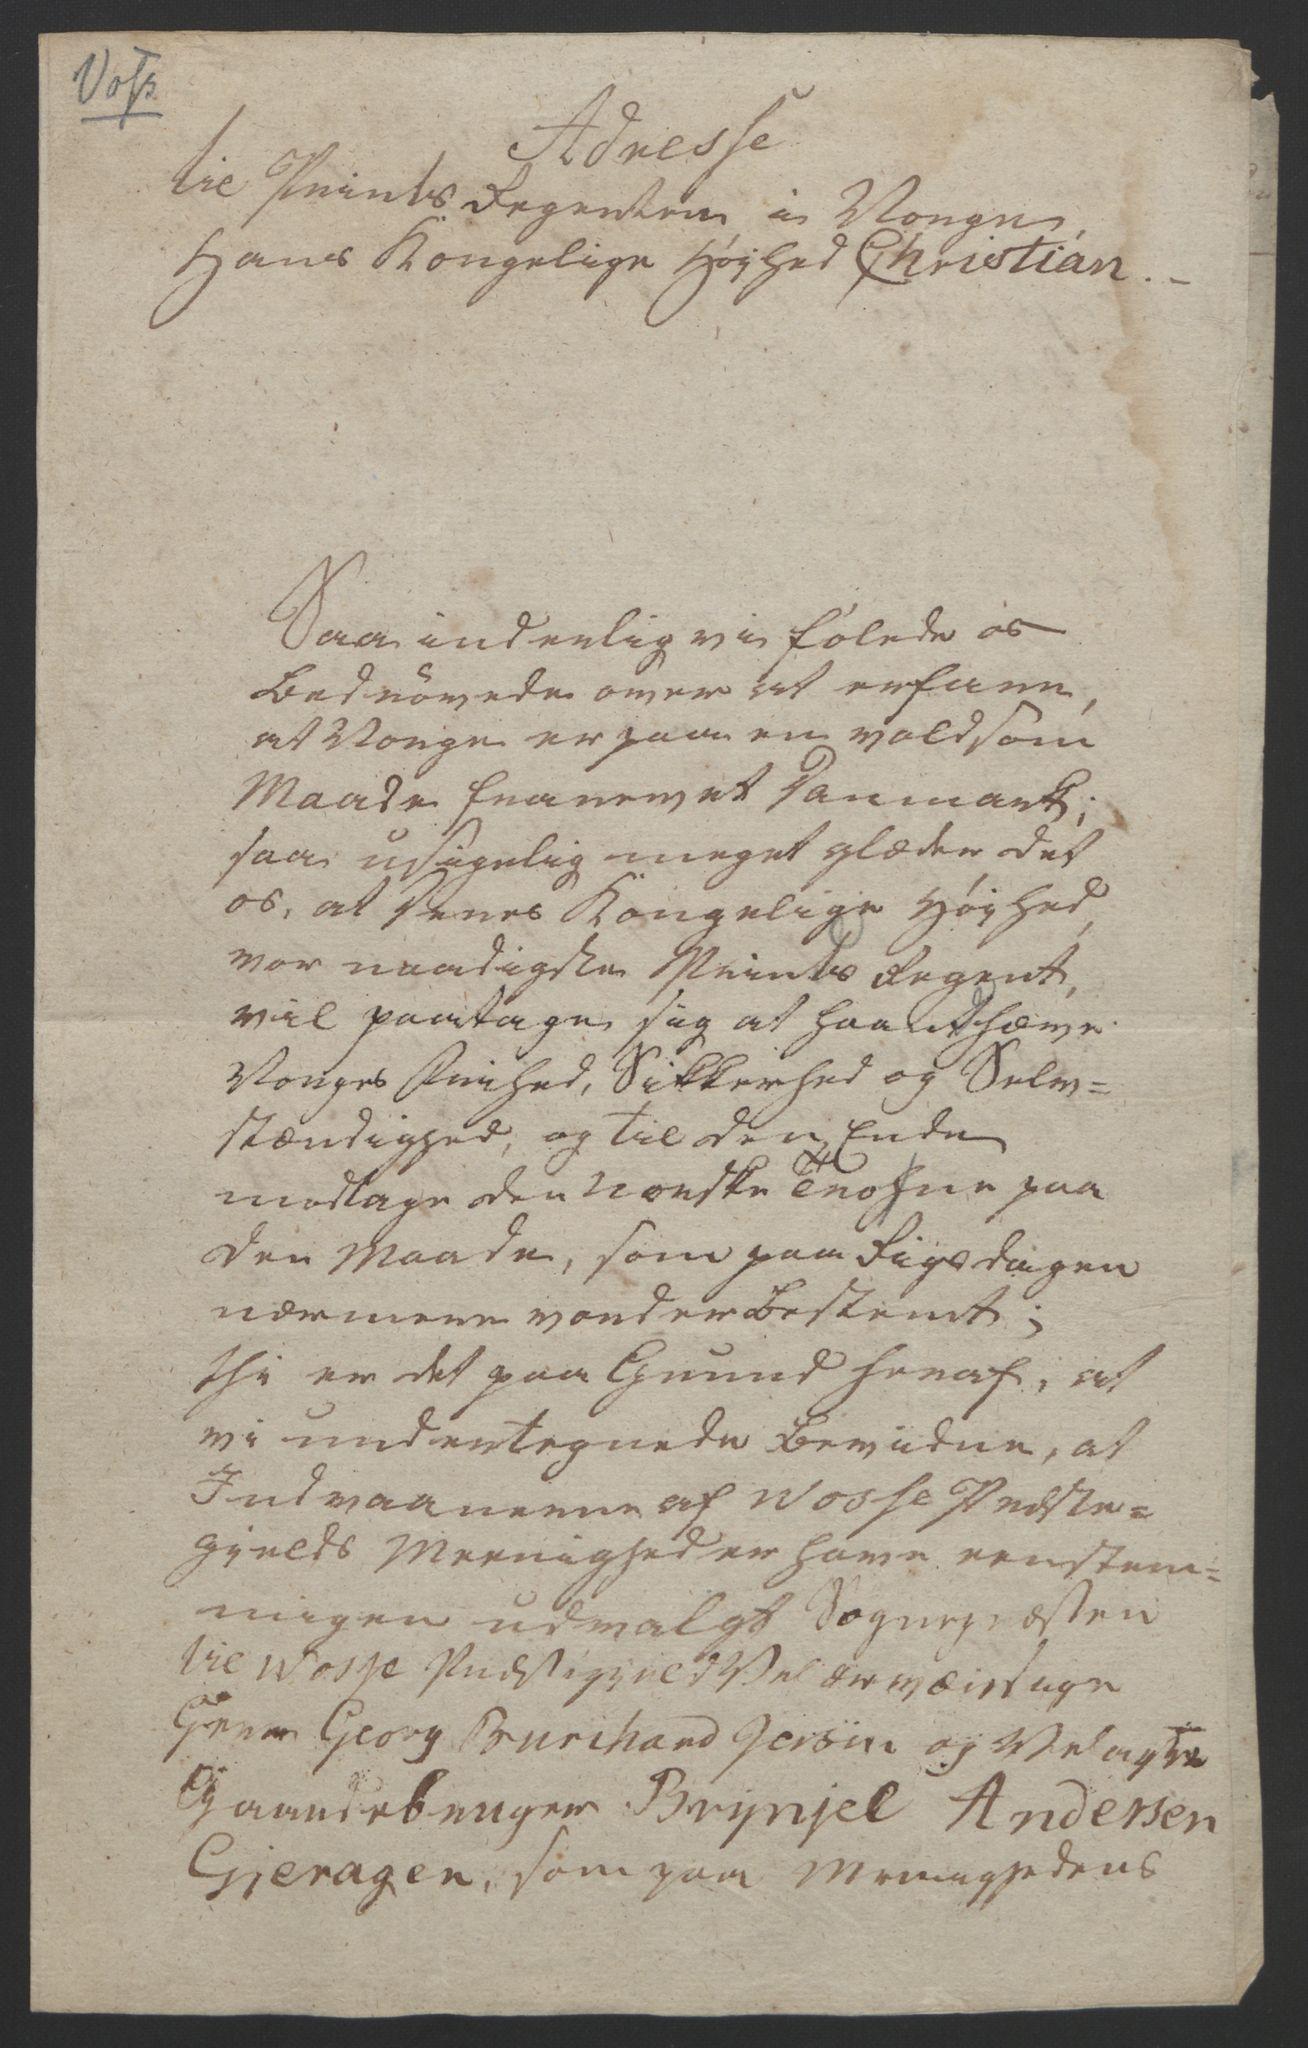 RA, Statsrådssekretariatet, D/Db/L0008: Fullmakter for Eidsvollsrepresentantene i 1814. , 1814, s. 305